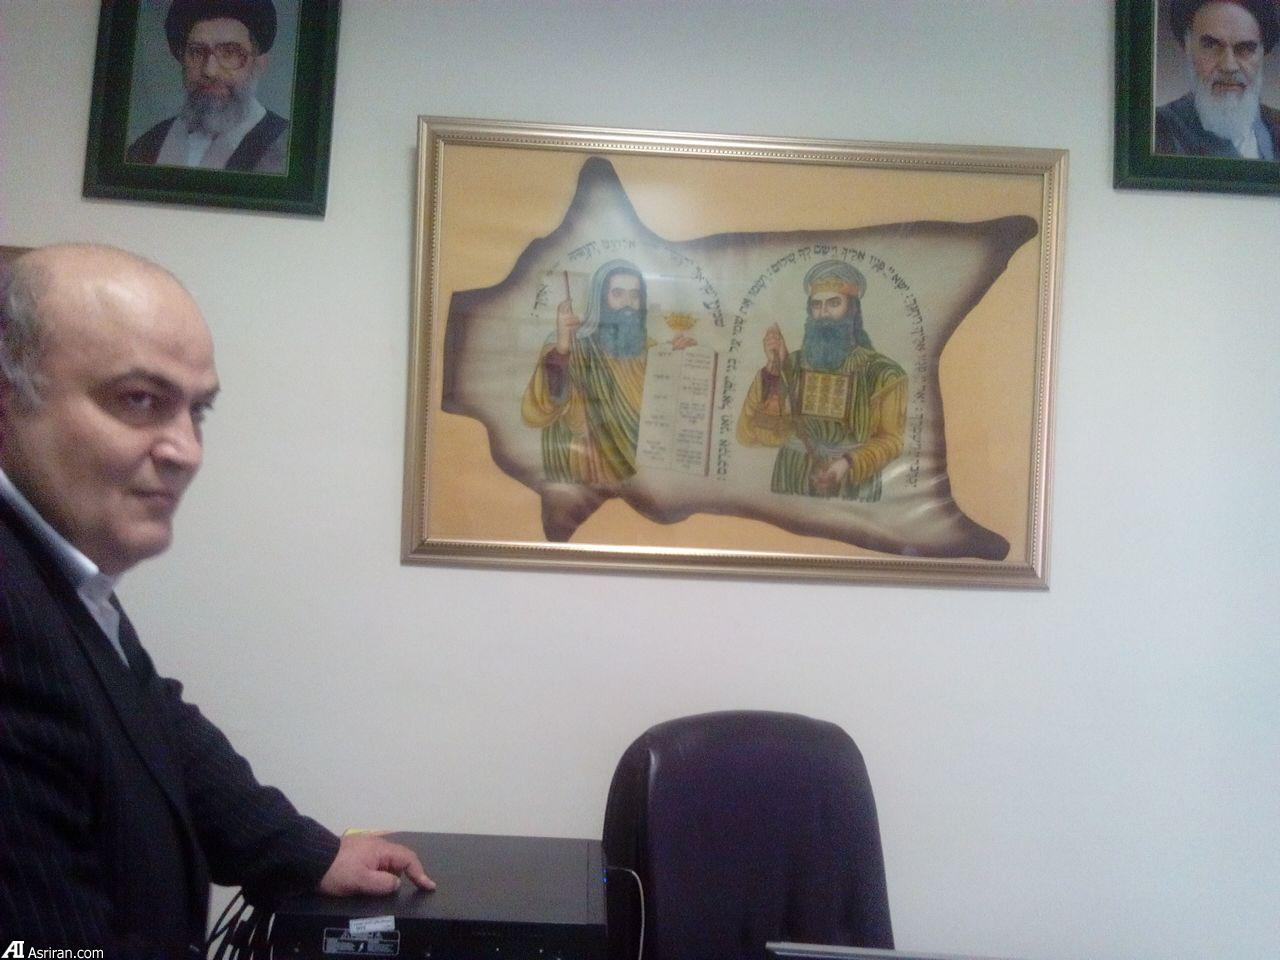 طرح هلوکاست نتانیاهو را در اسرائیل قوی کرد/ نتانیاهو سرنوشت صدام را بخواند